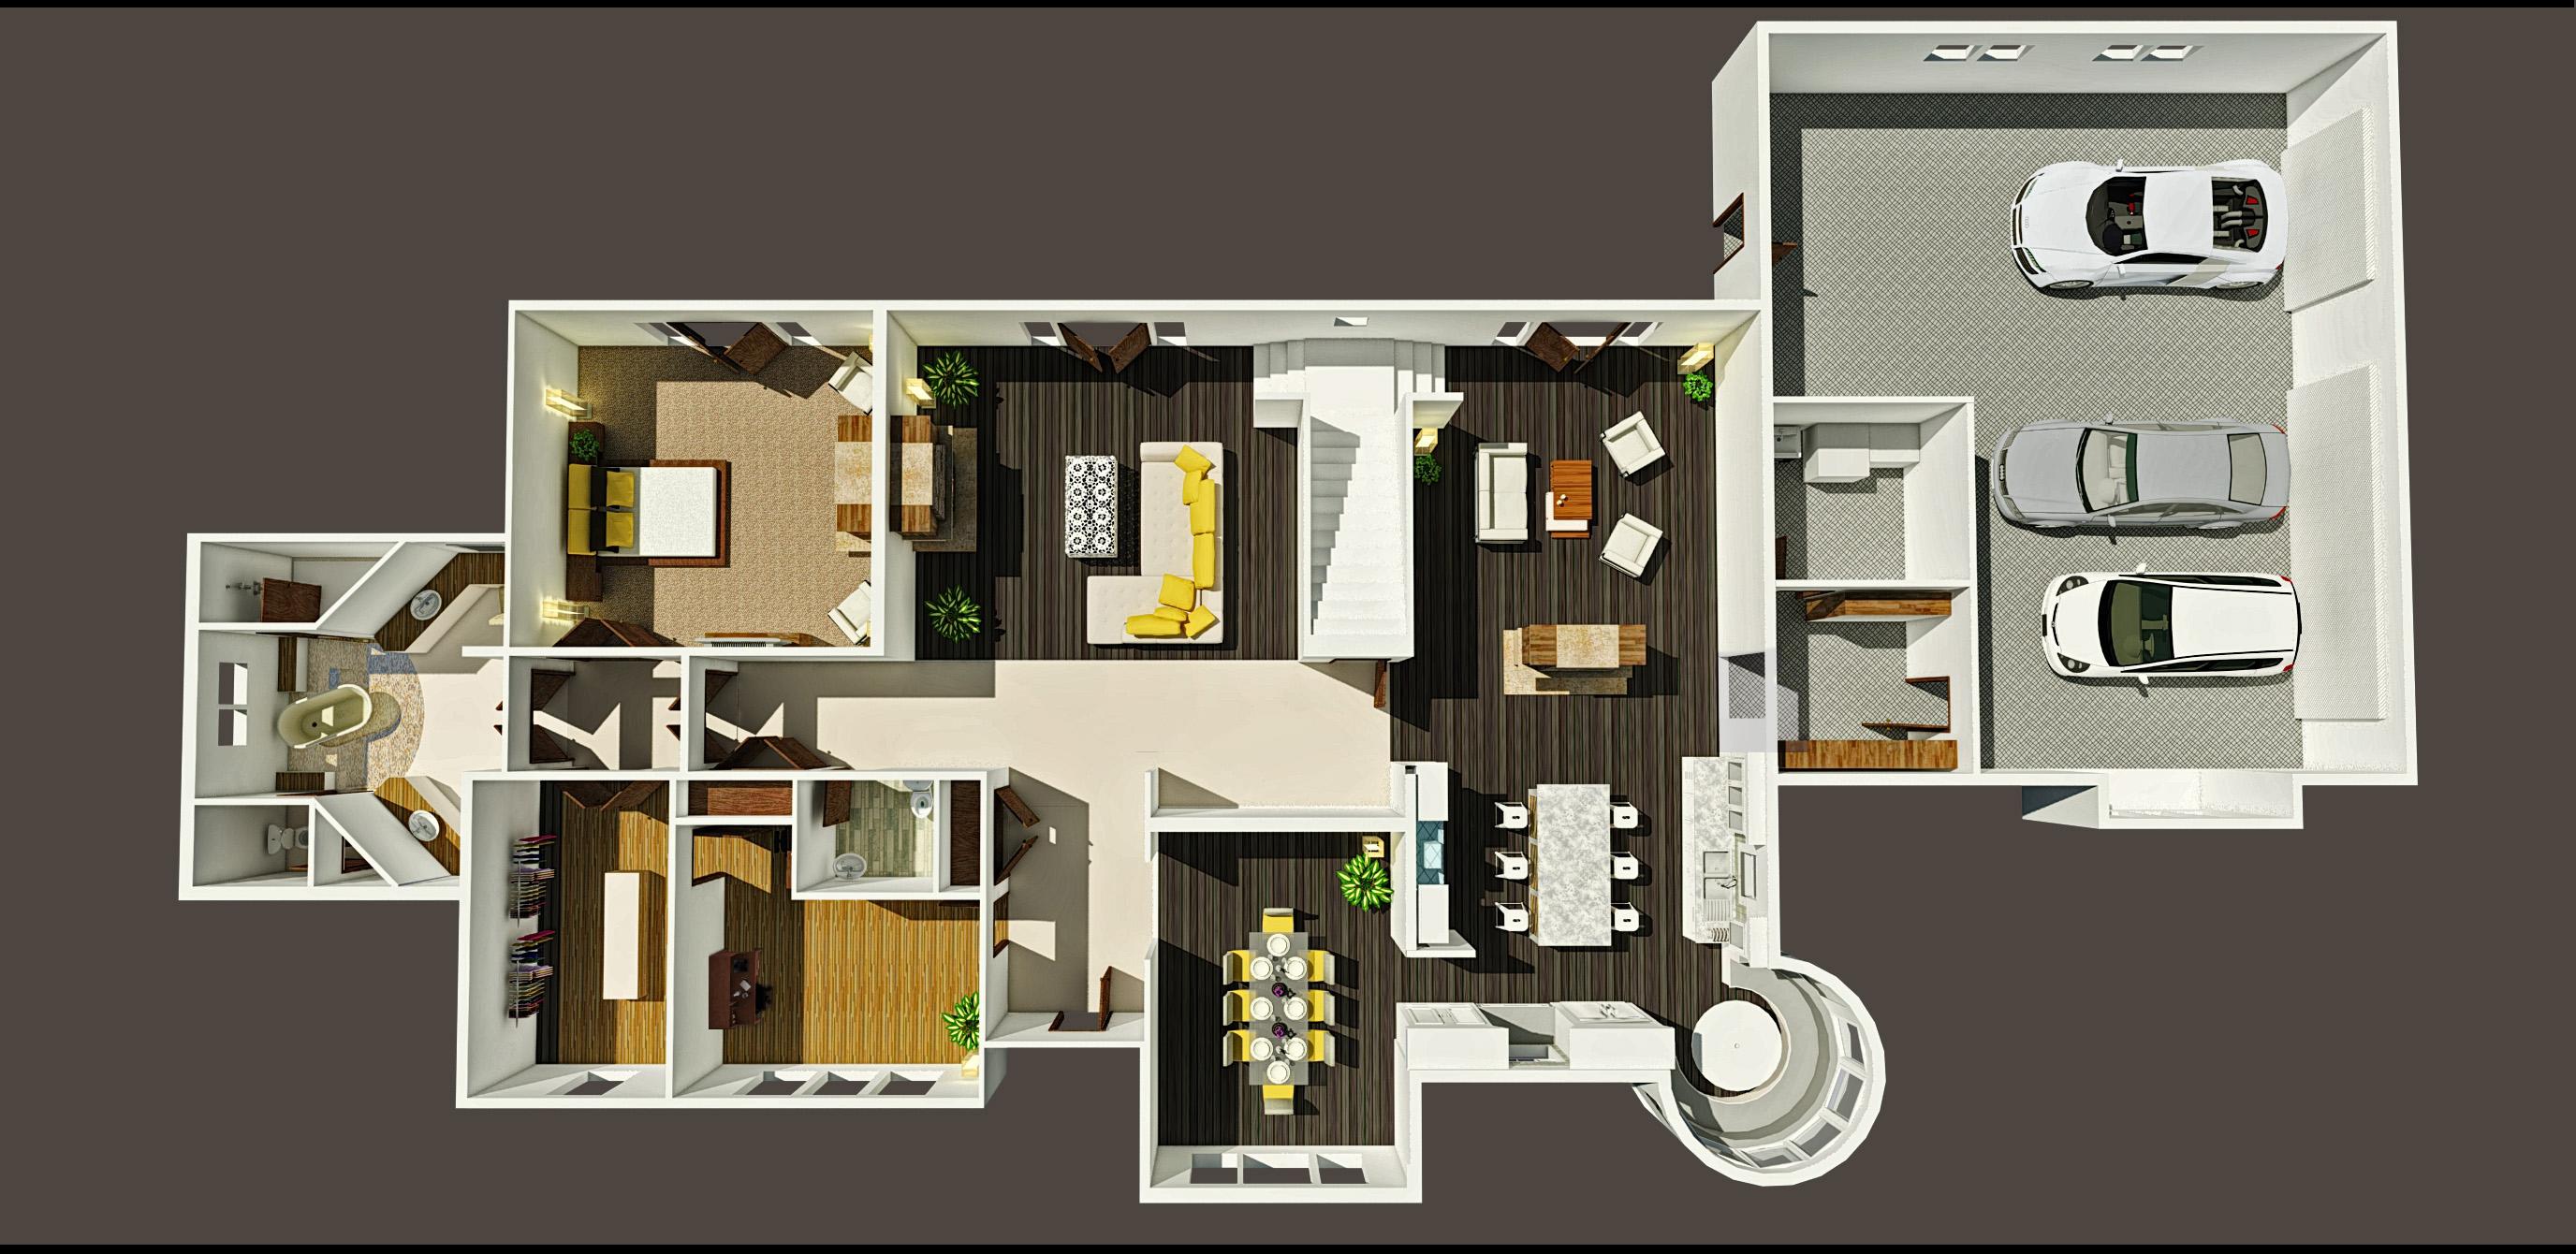 floor plan 3d free online 187 3d floor plan free download trend home design and decor